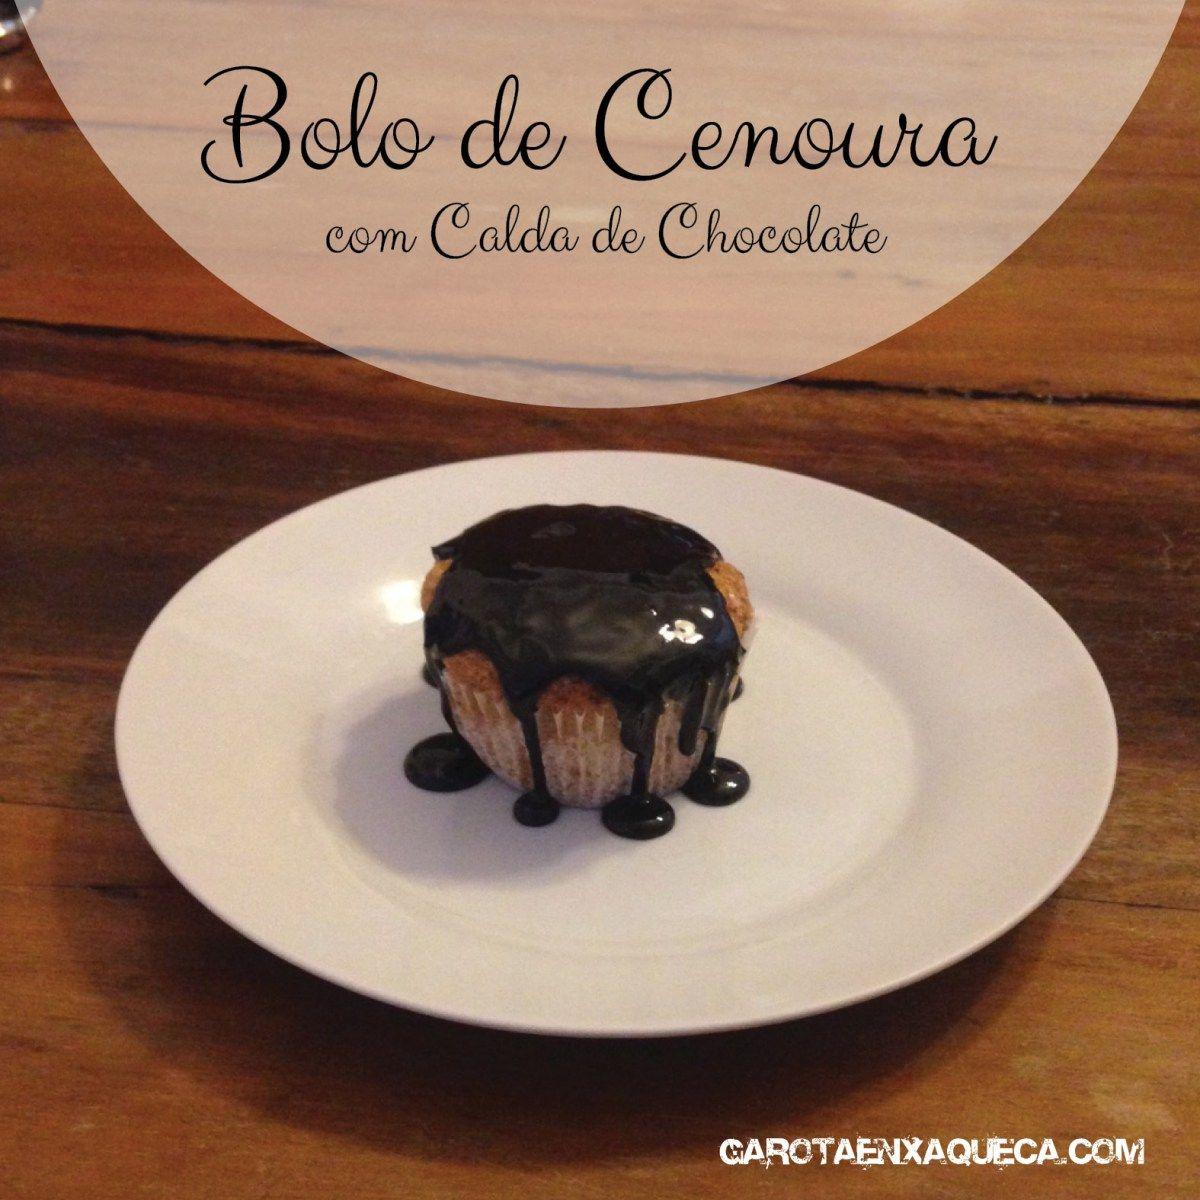 Bolo de Cenoura com Calda de Chocolate - Receita